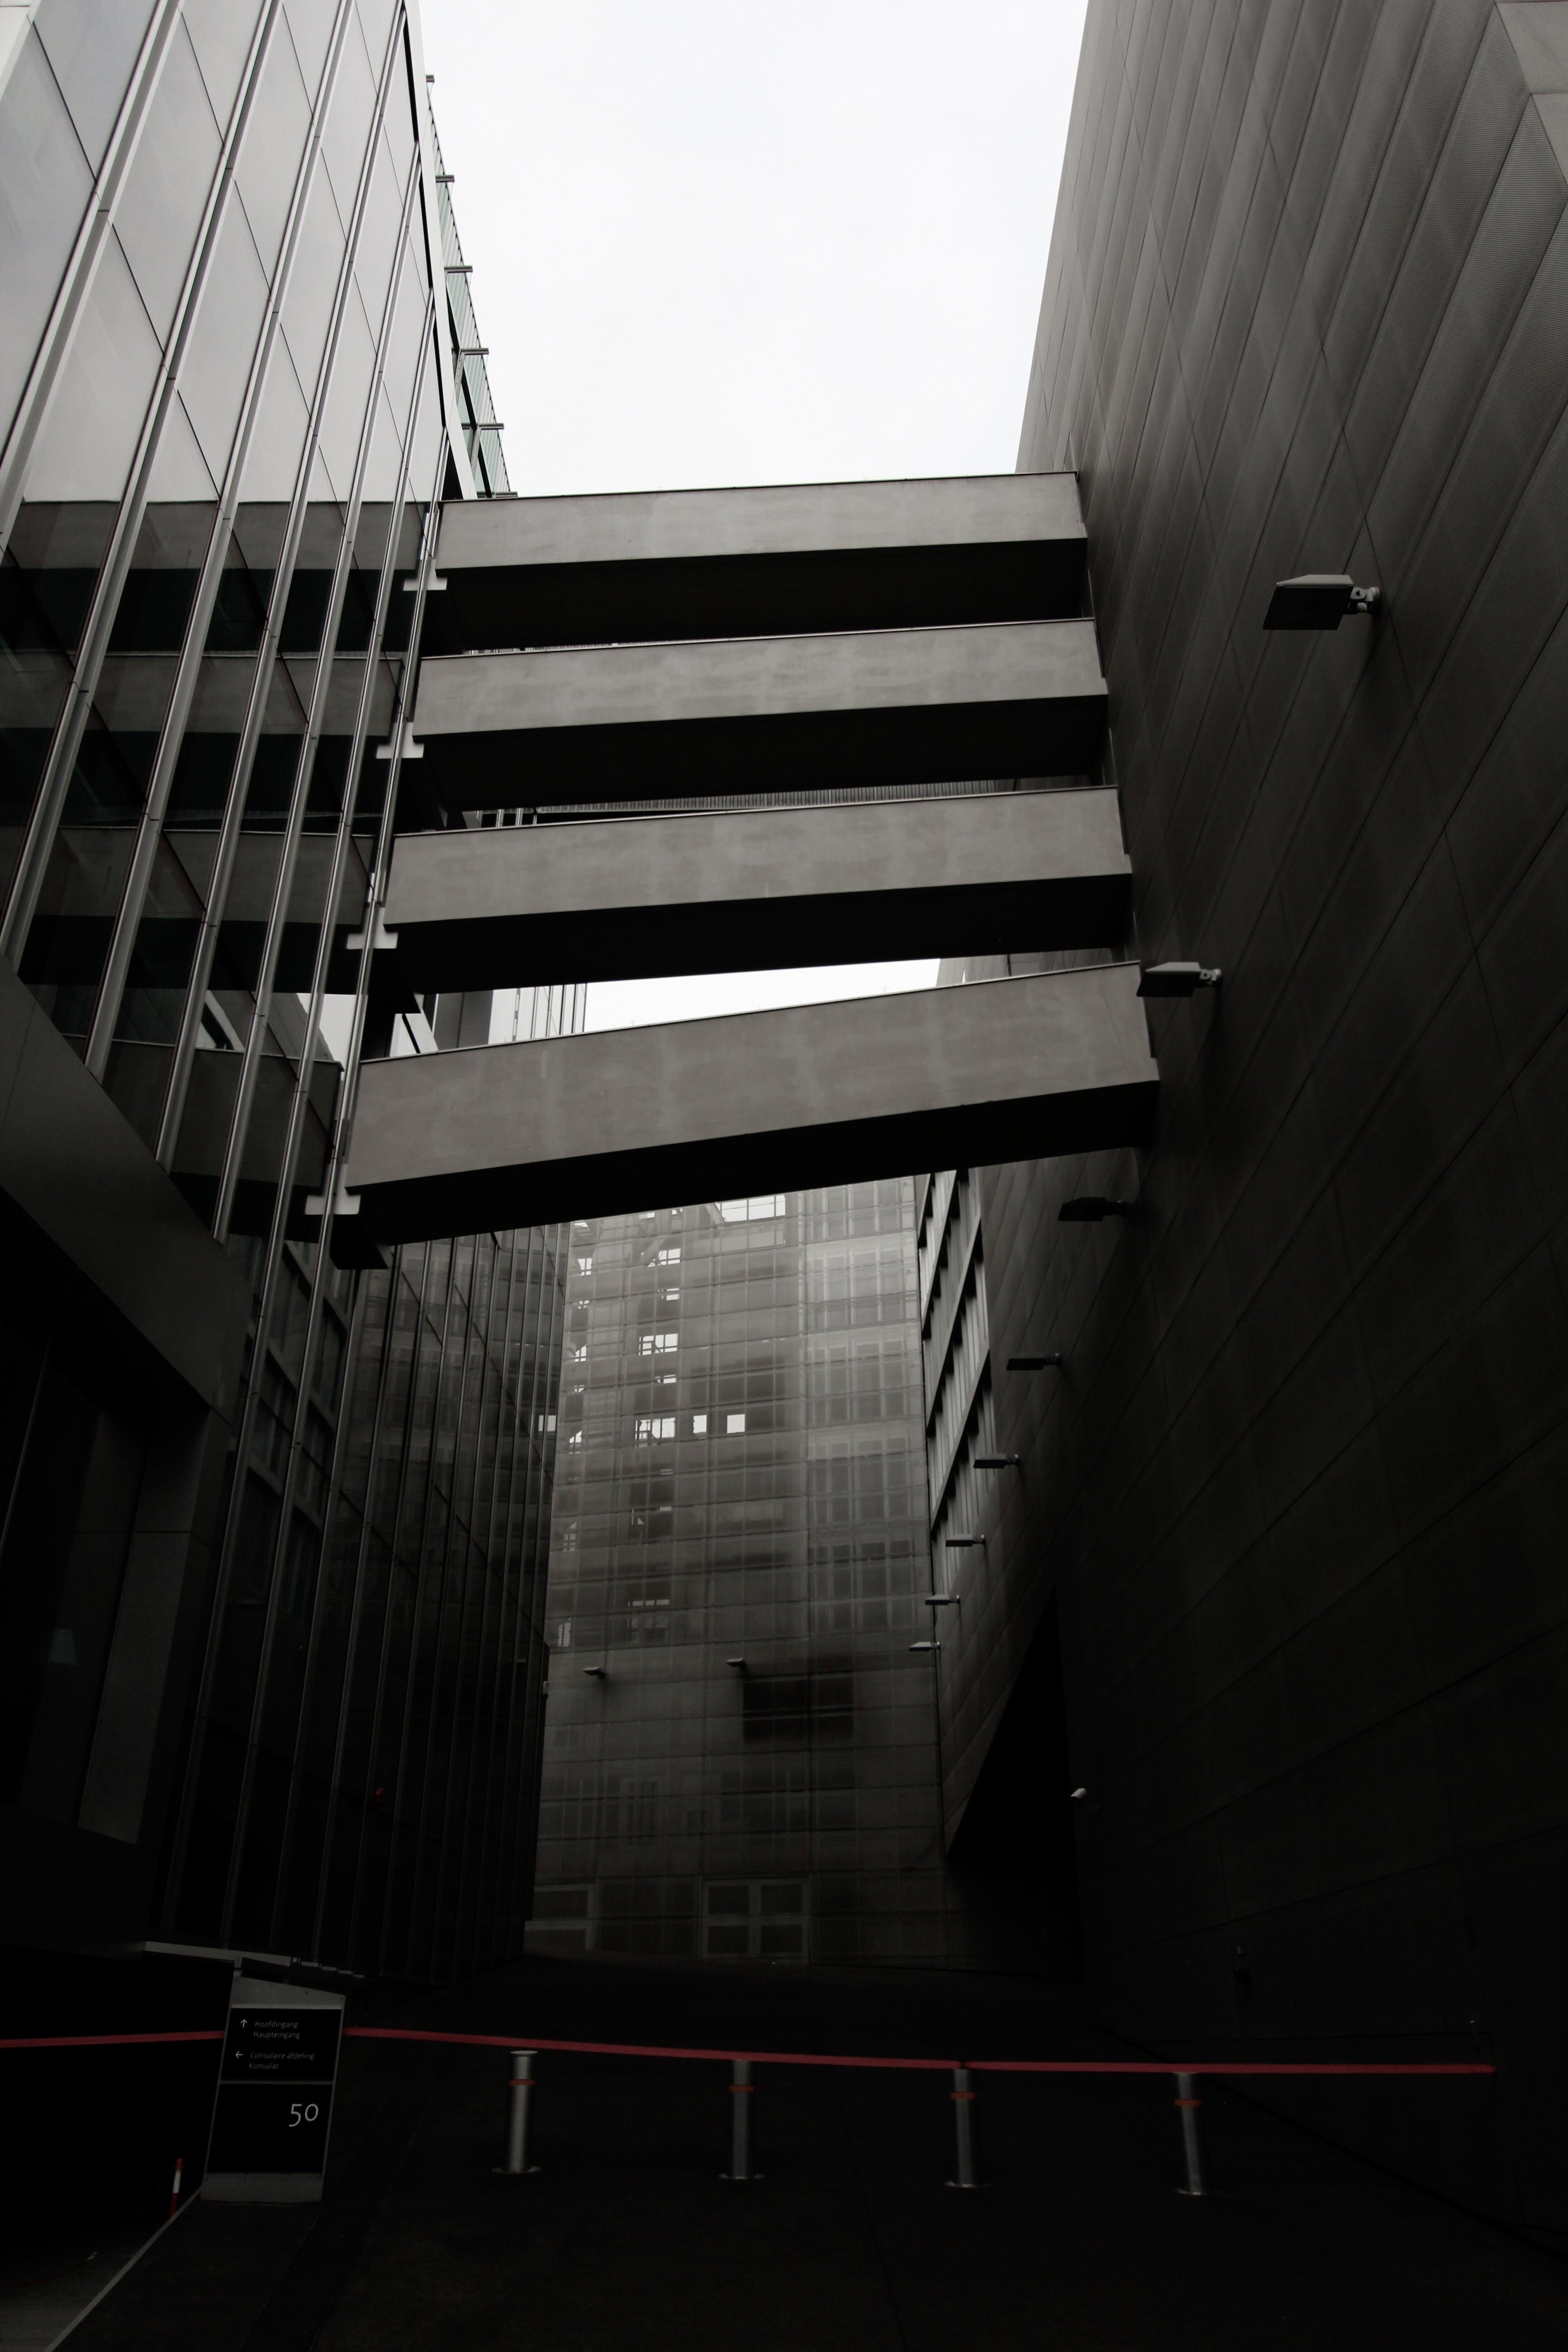 Foto profissional grátis de aço, alto, arquitetura, arquitetura contemporânea